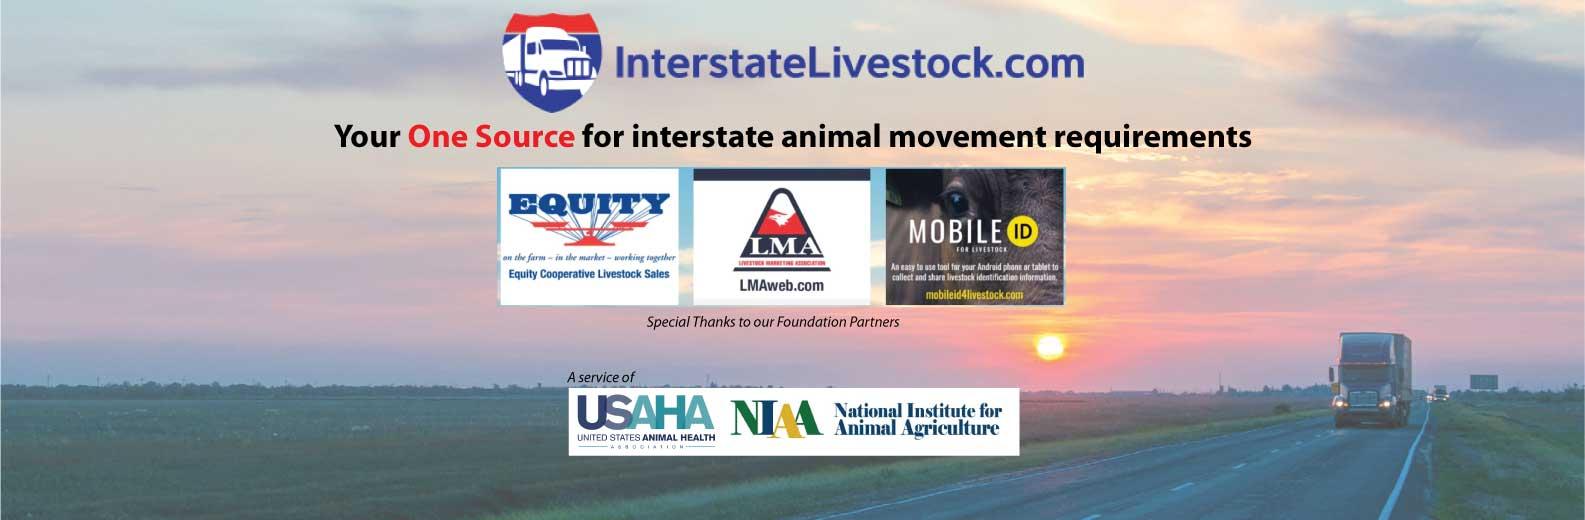 interstatelivestock.com